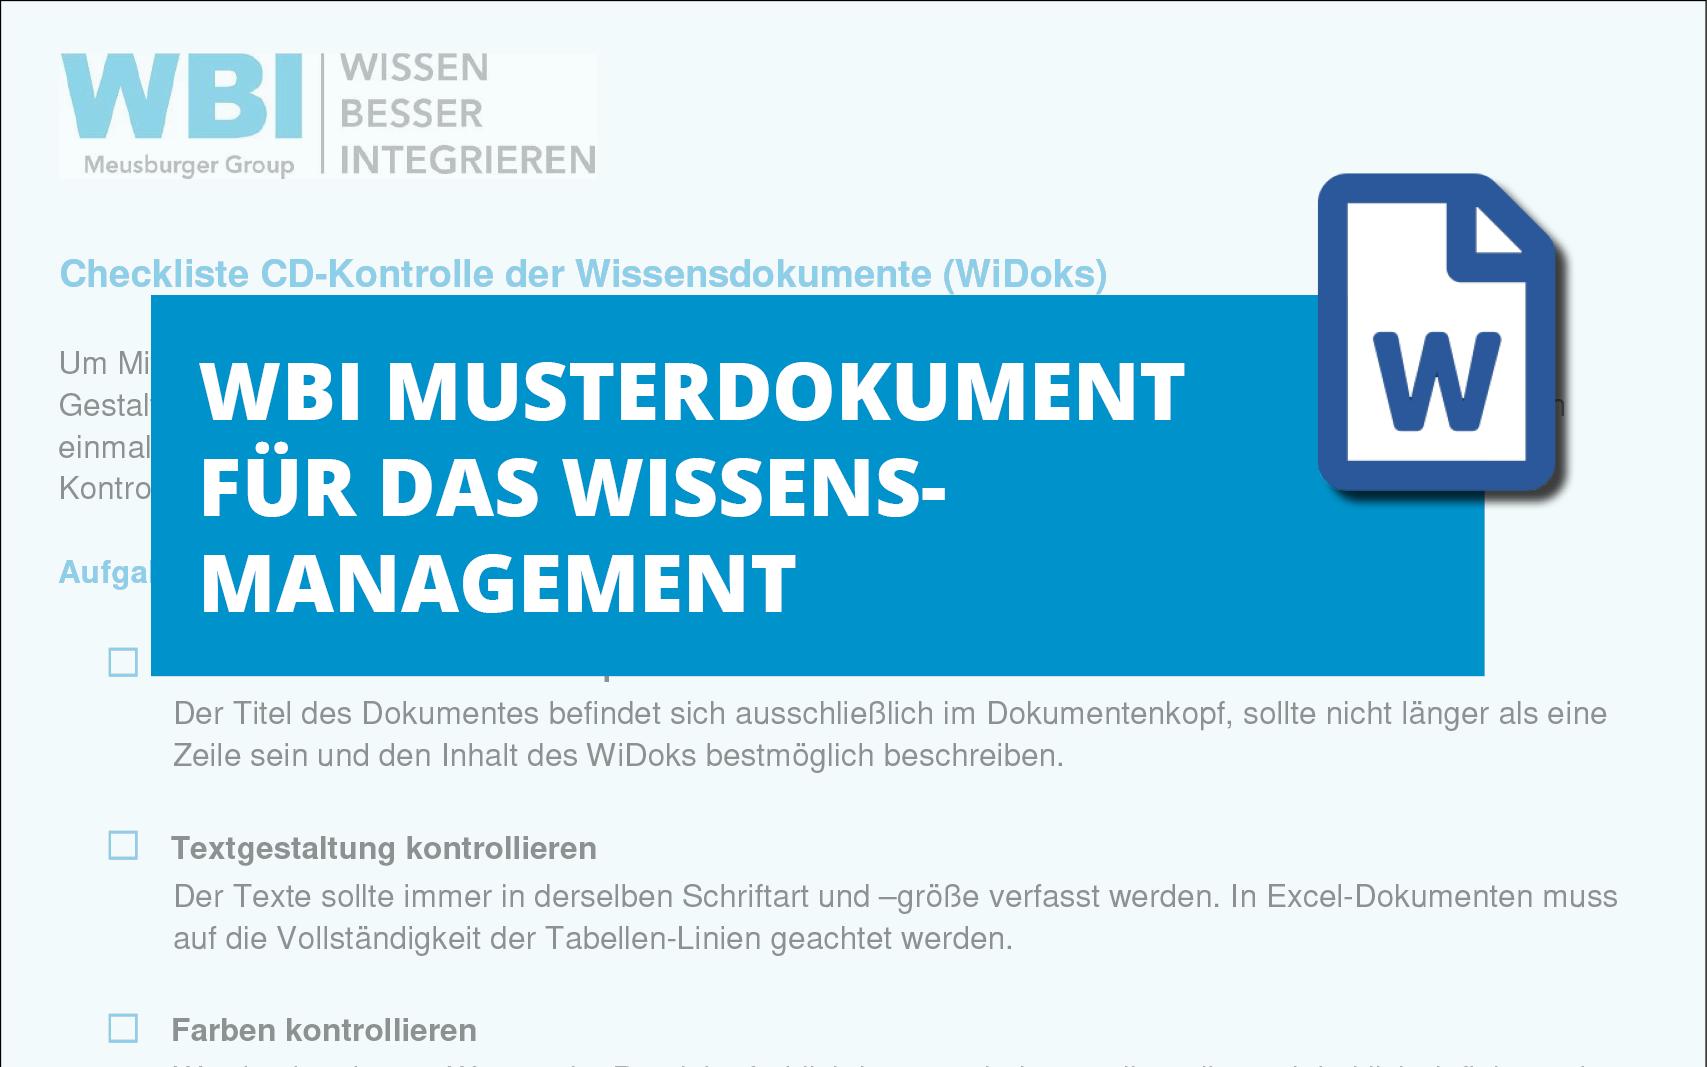 wbi-handout-checkliste-cd-kontrolle-der-widoks